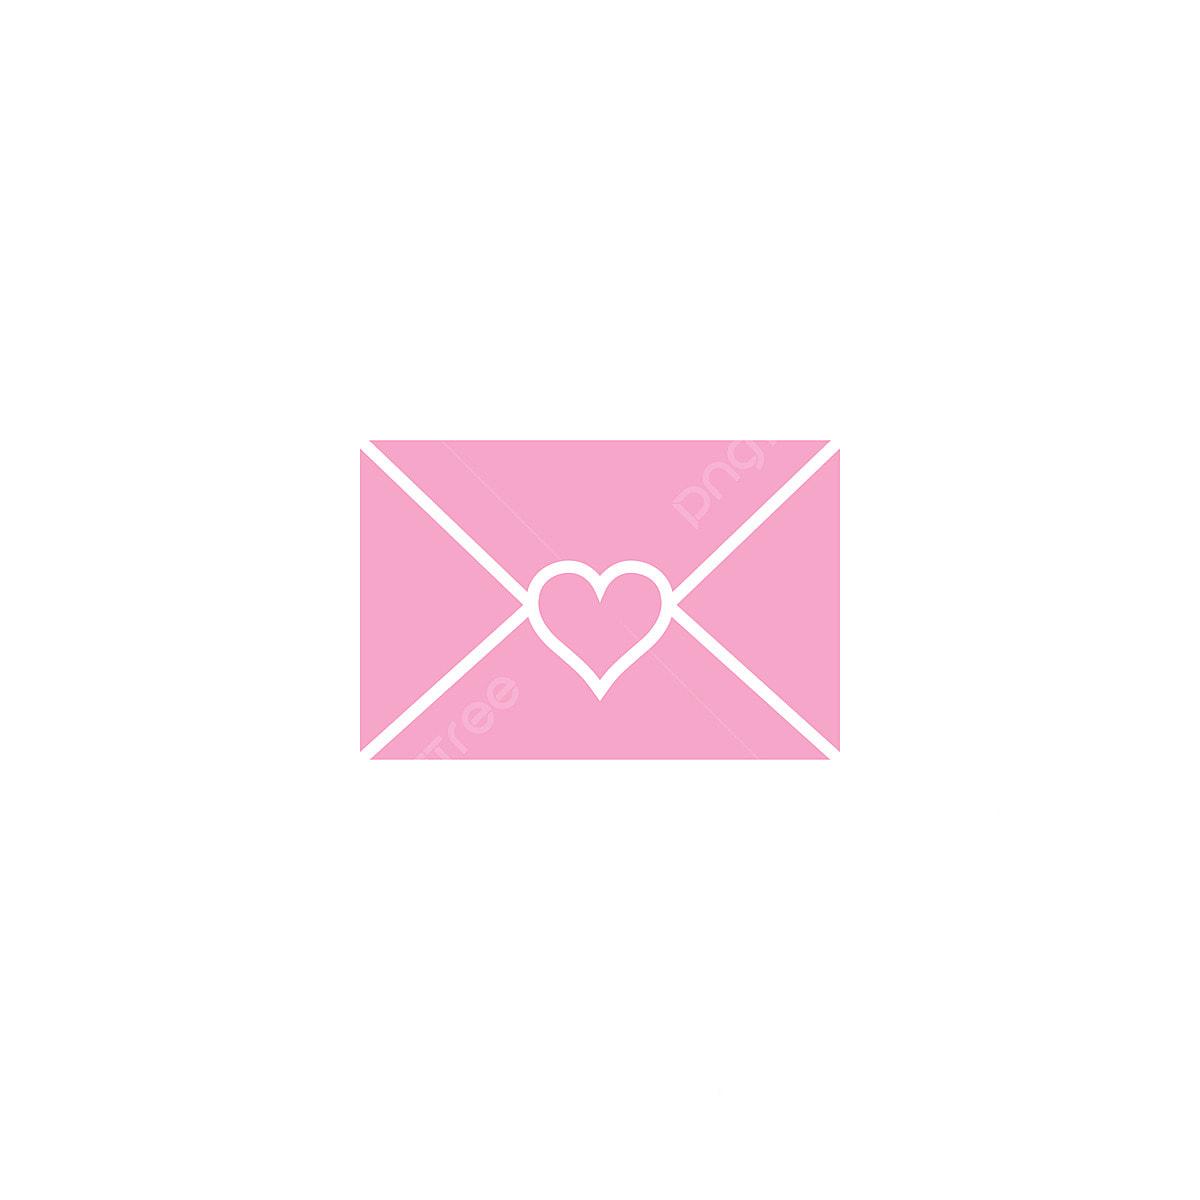 Surat Cinta Desain Grafis Template Vektor Ilustrasi Alamat